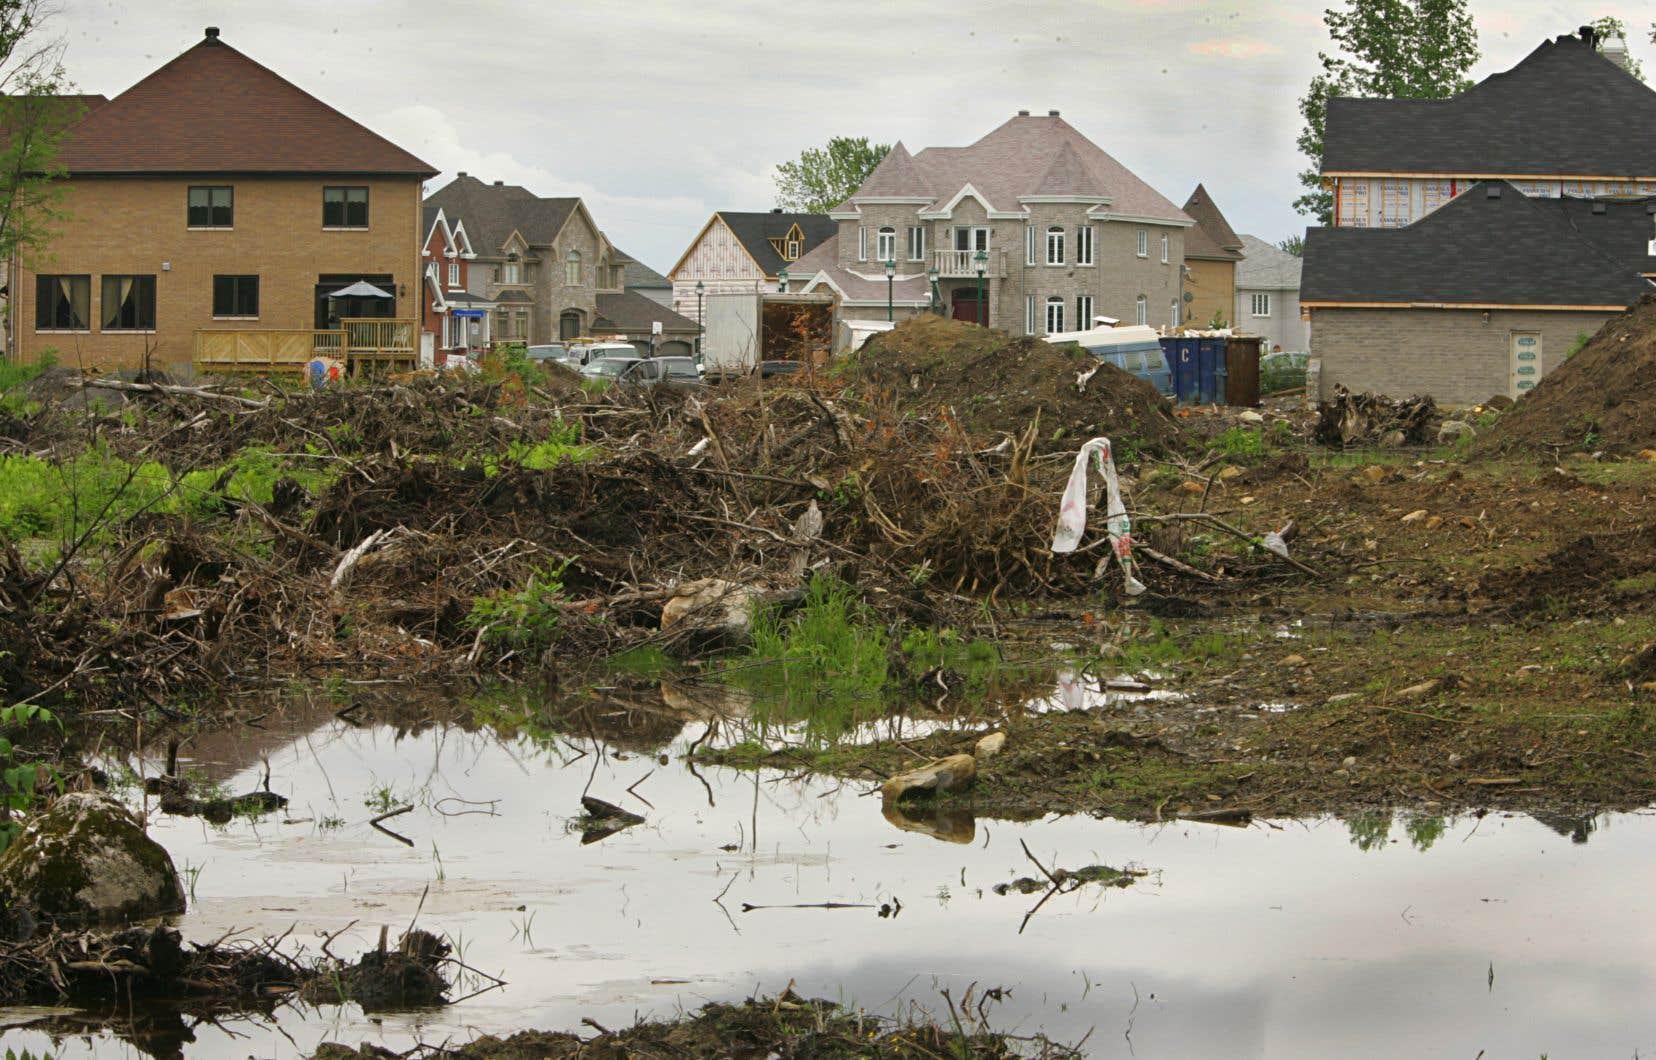 Les auteurs sont d'avis qu'«un réel aménagement durable intégré du territoire qui comprend la protection des milieux humides nécessite de revoir la façon de planifier nos villes».